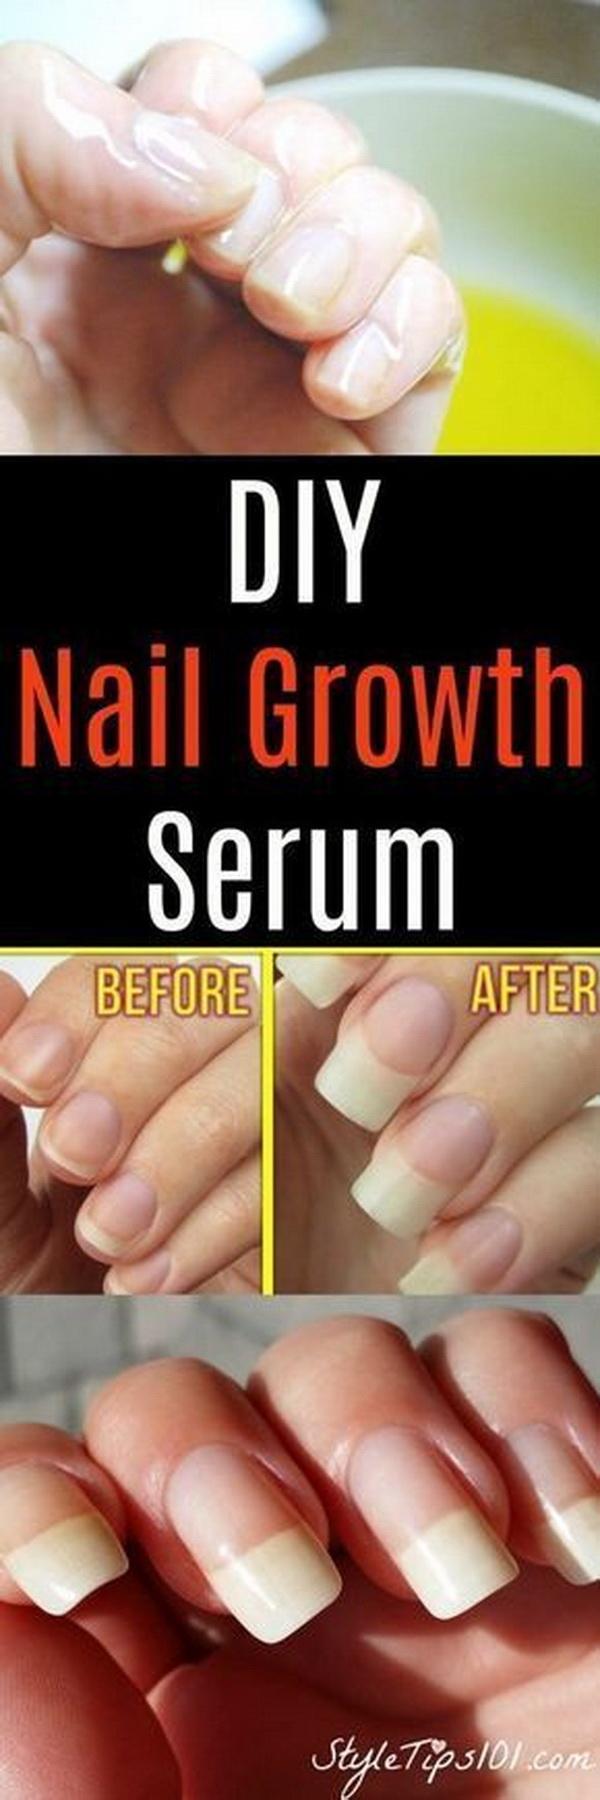 DIY Nail Growth Serum.